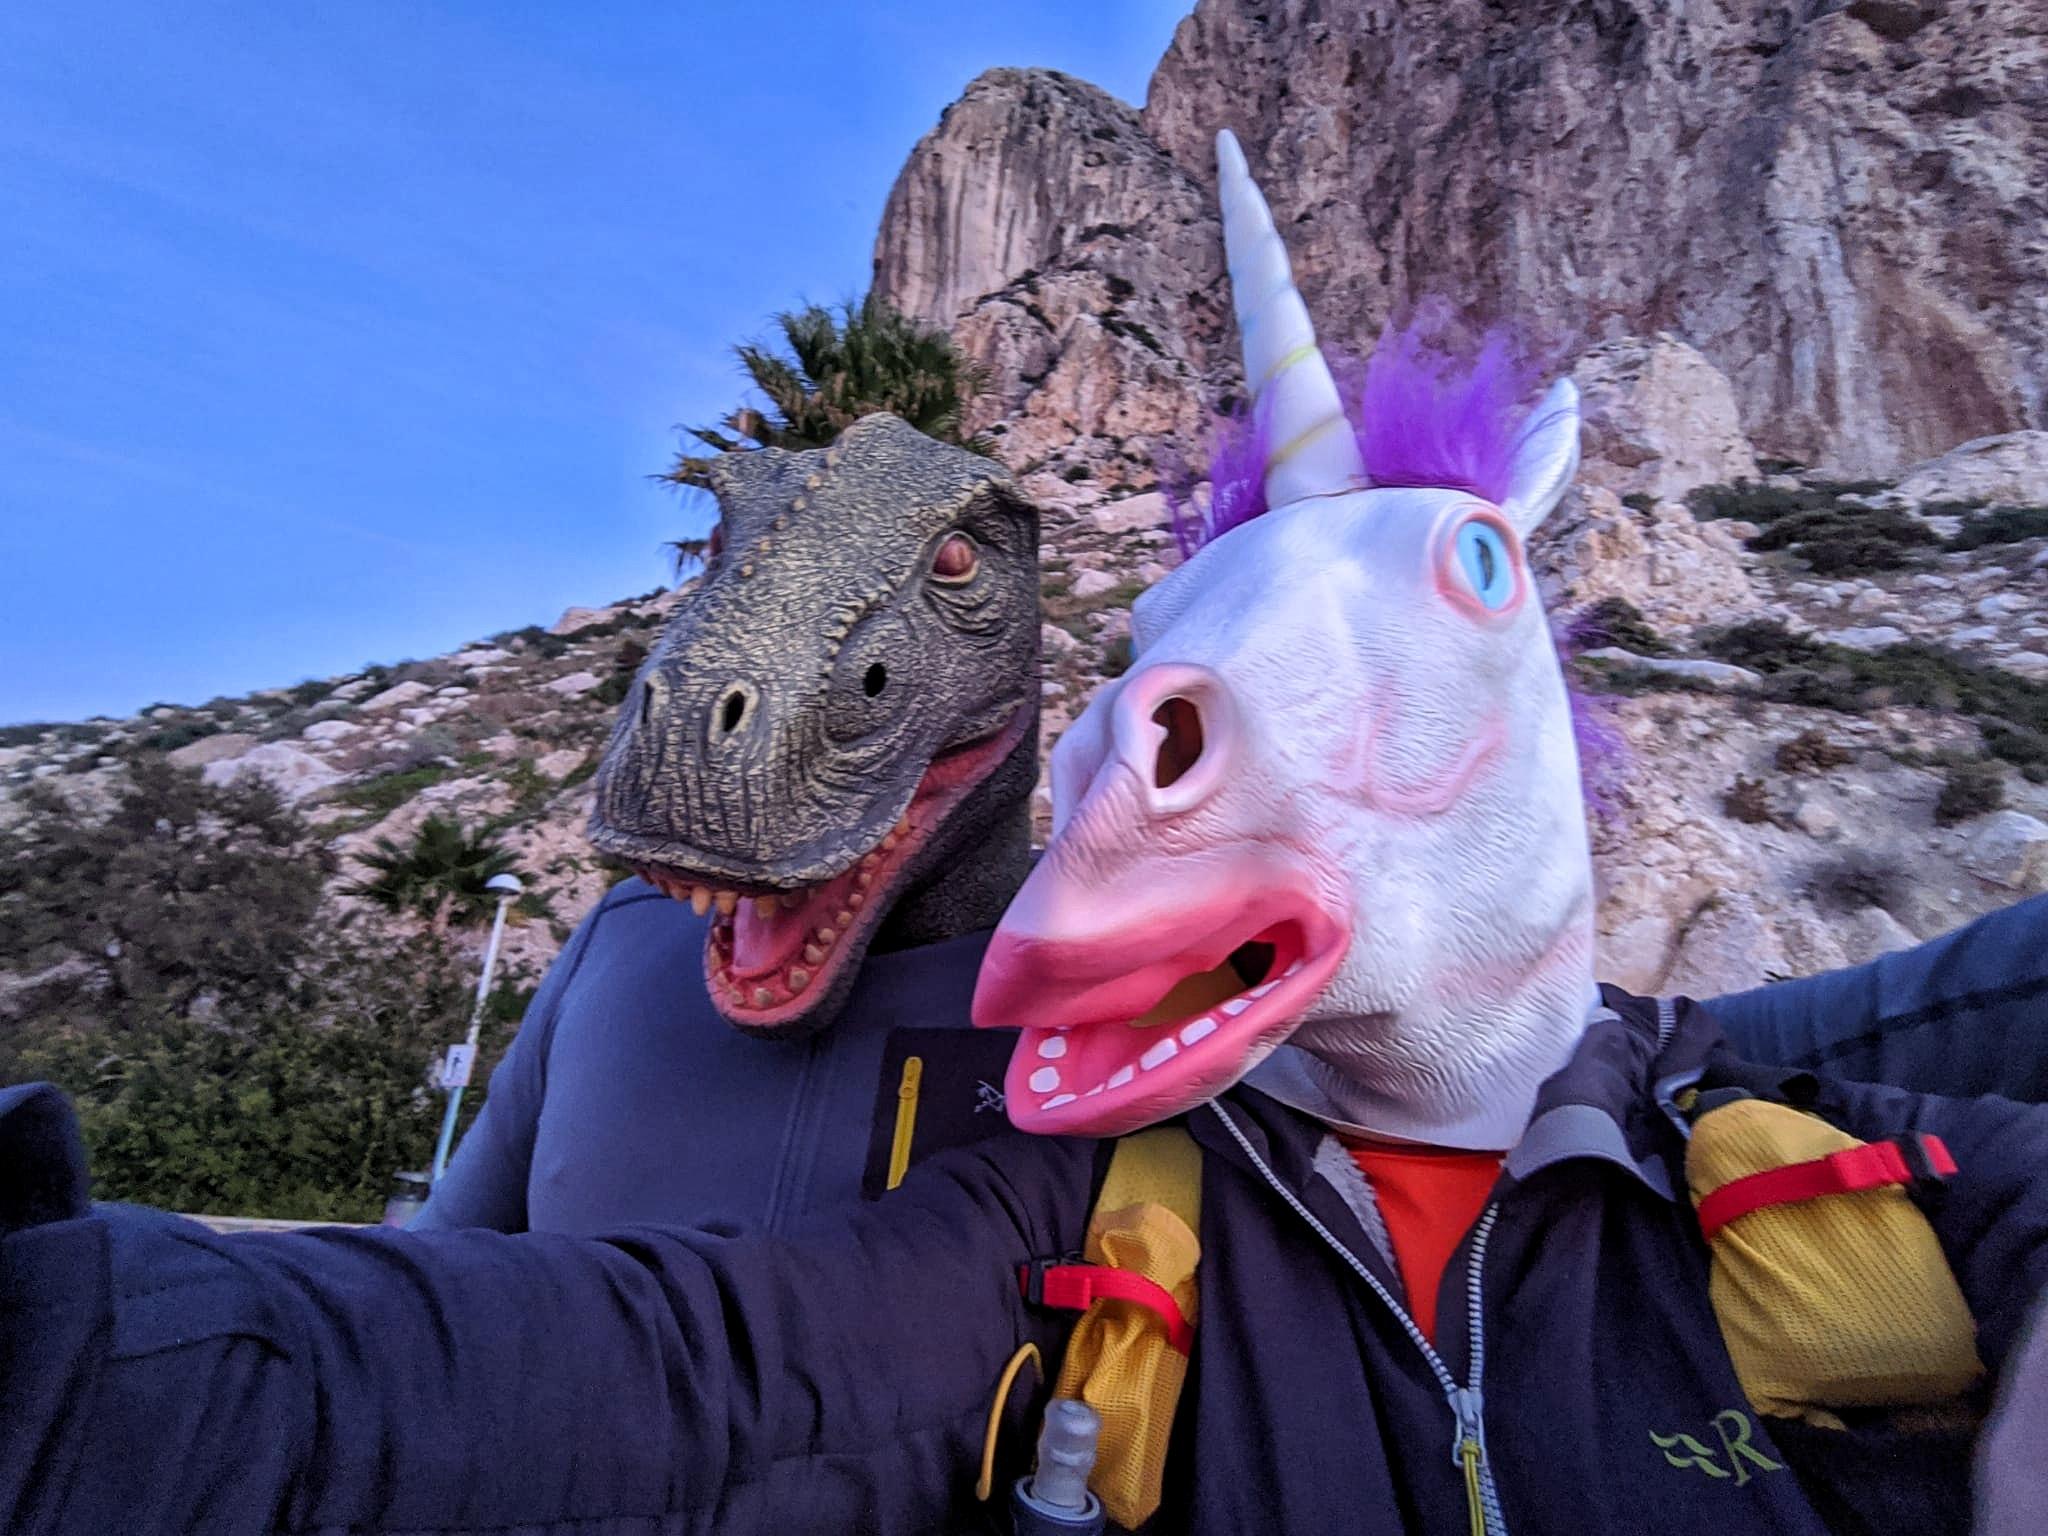 Sea 2 Summit masks